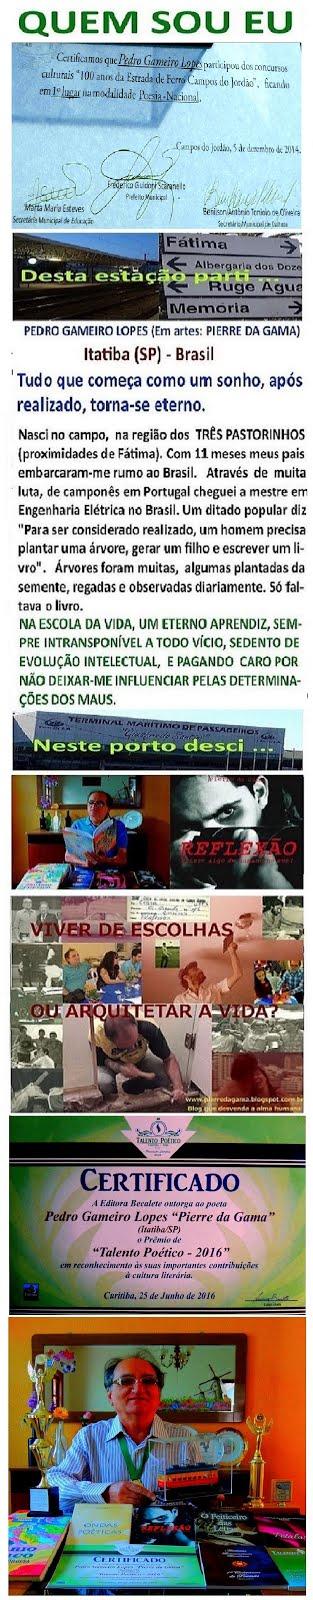 PEDRO GAMEIRO LOPES ************************ EM ARTES: PIERRE DA GAMA